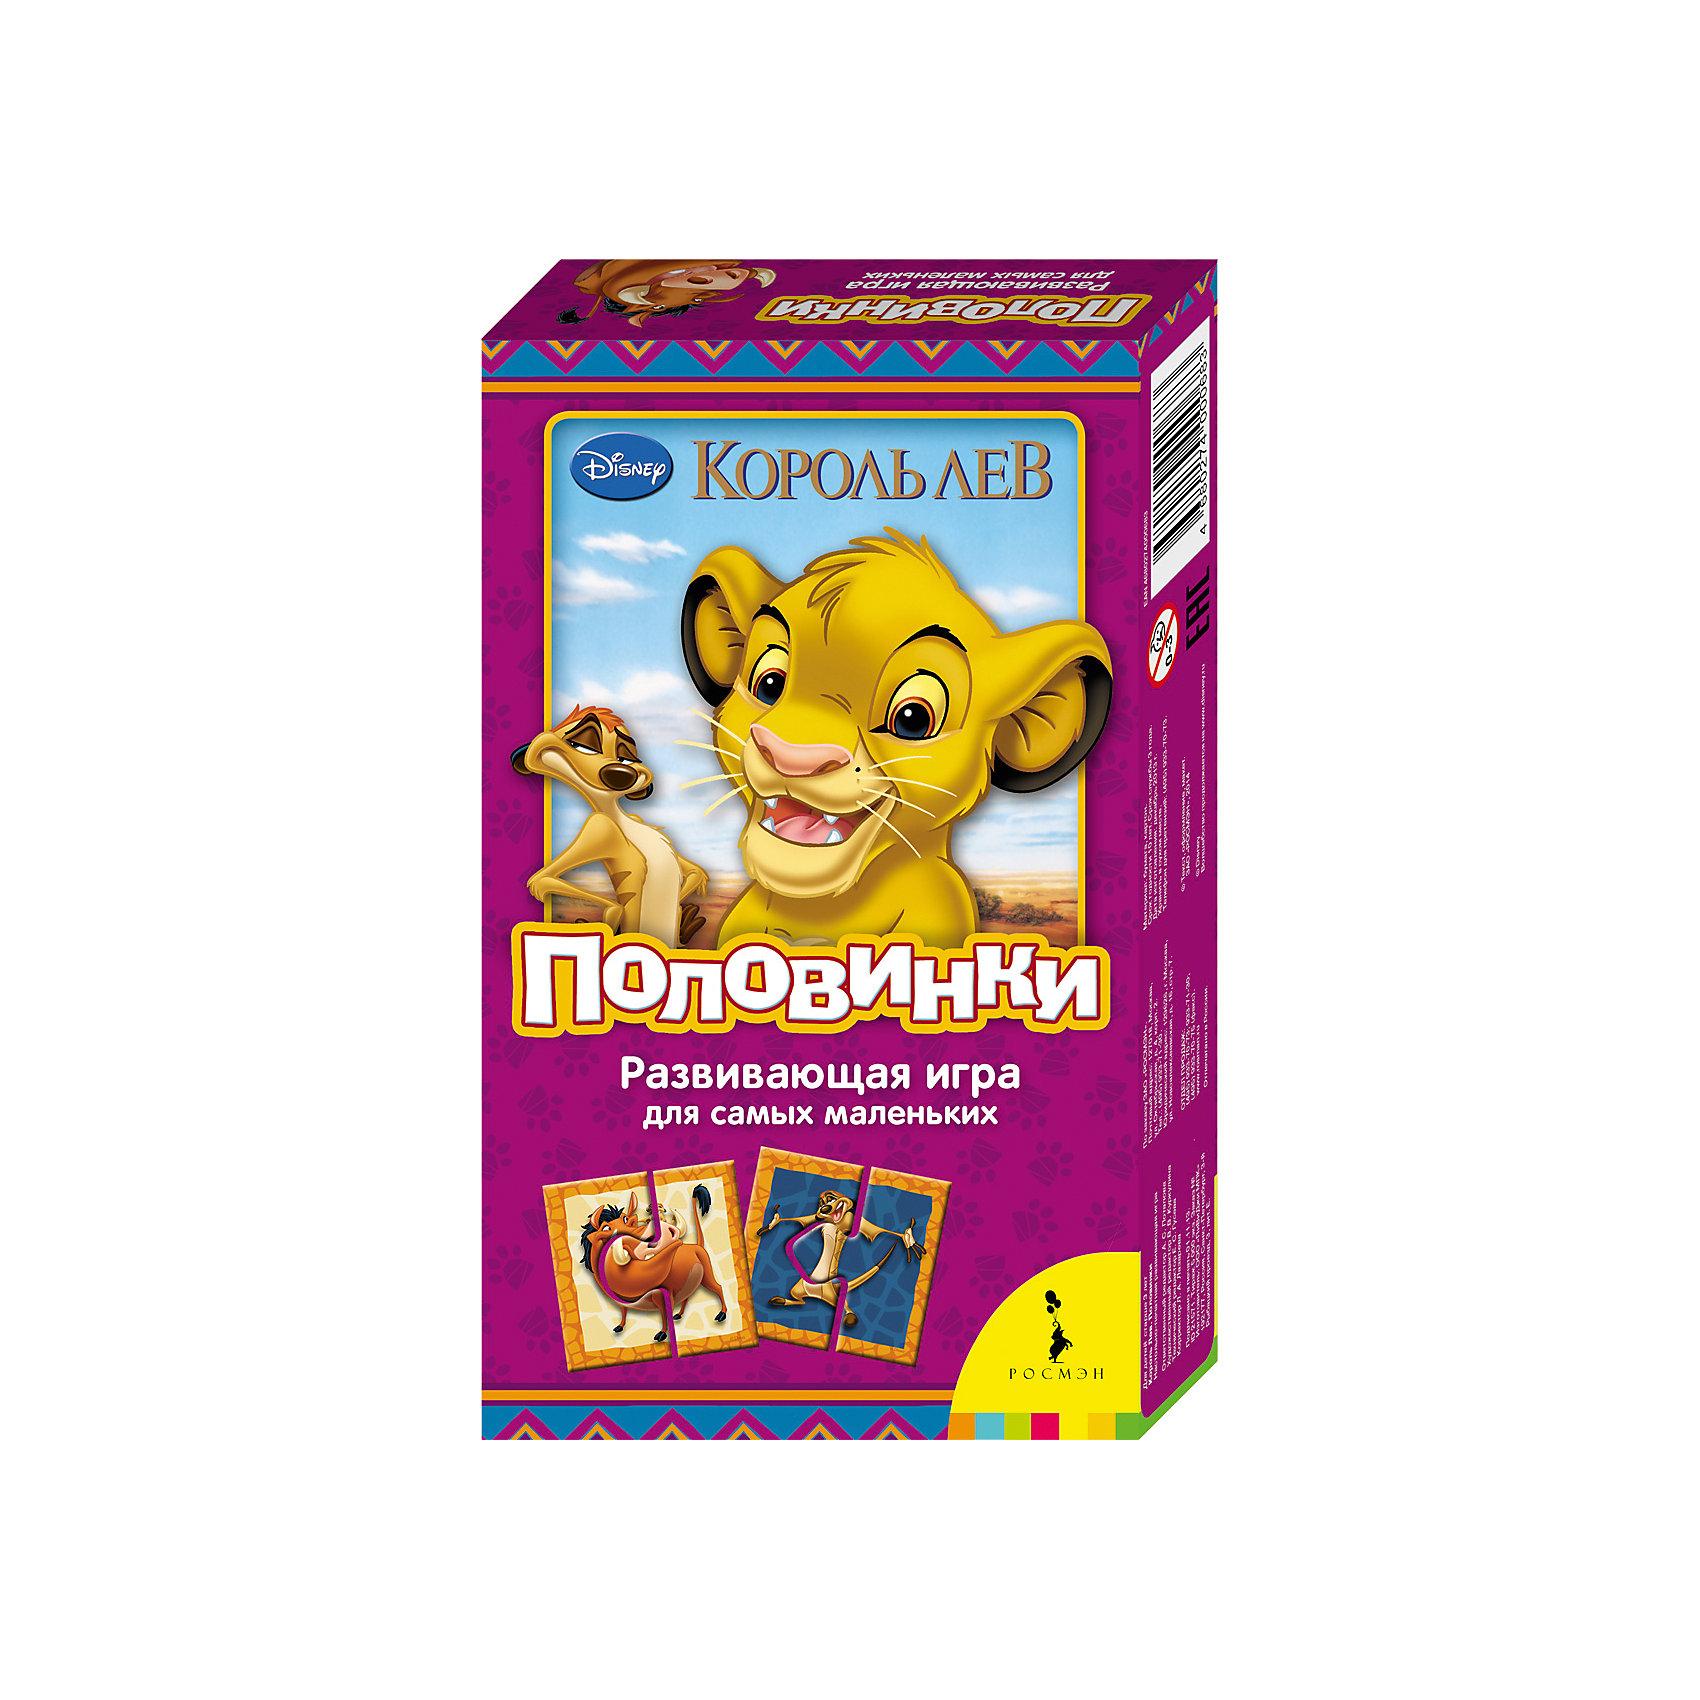 Настольная игра для малышей Половинки, Disney Король ЛевКниги для развития мышления<br>Характеристики:<br>• количество карточек: 12;<br>• возраст: от 3-х лет;<br>• размер упаковки: 20х12х3,5 см;<br>• вес: 115 грамм.<br><br>«Половинки» - развивающая игра для самых маленьких. В набор входят 12 карточек с изображением персонажей мультфильма Король Лев, разделенных на две половины. В процессе игры ребенку предстоит научиться складывать части, чтобы получилась целая картинка.<br><br>Игра способствует развитию мелкой моторики, логического мышления, координации движений  и внимания.<br><br>Настольную игру для малышей Половинки, Disney Король Лев, Росмэн можно купить в нашем интернет-магазине.<br><br>Ширина мм: 200<br>Глубина мм: 120<br>Высота мм: 350<br>Вес г: 127<br>Возраст от месяцев: 36<br>Возраст до месяцев: 2147483647<br>Пол: Унисекс<br>Возраст: Детский<br>SKU: 5453555